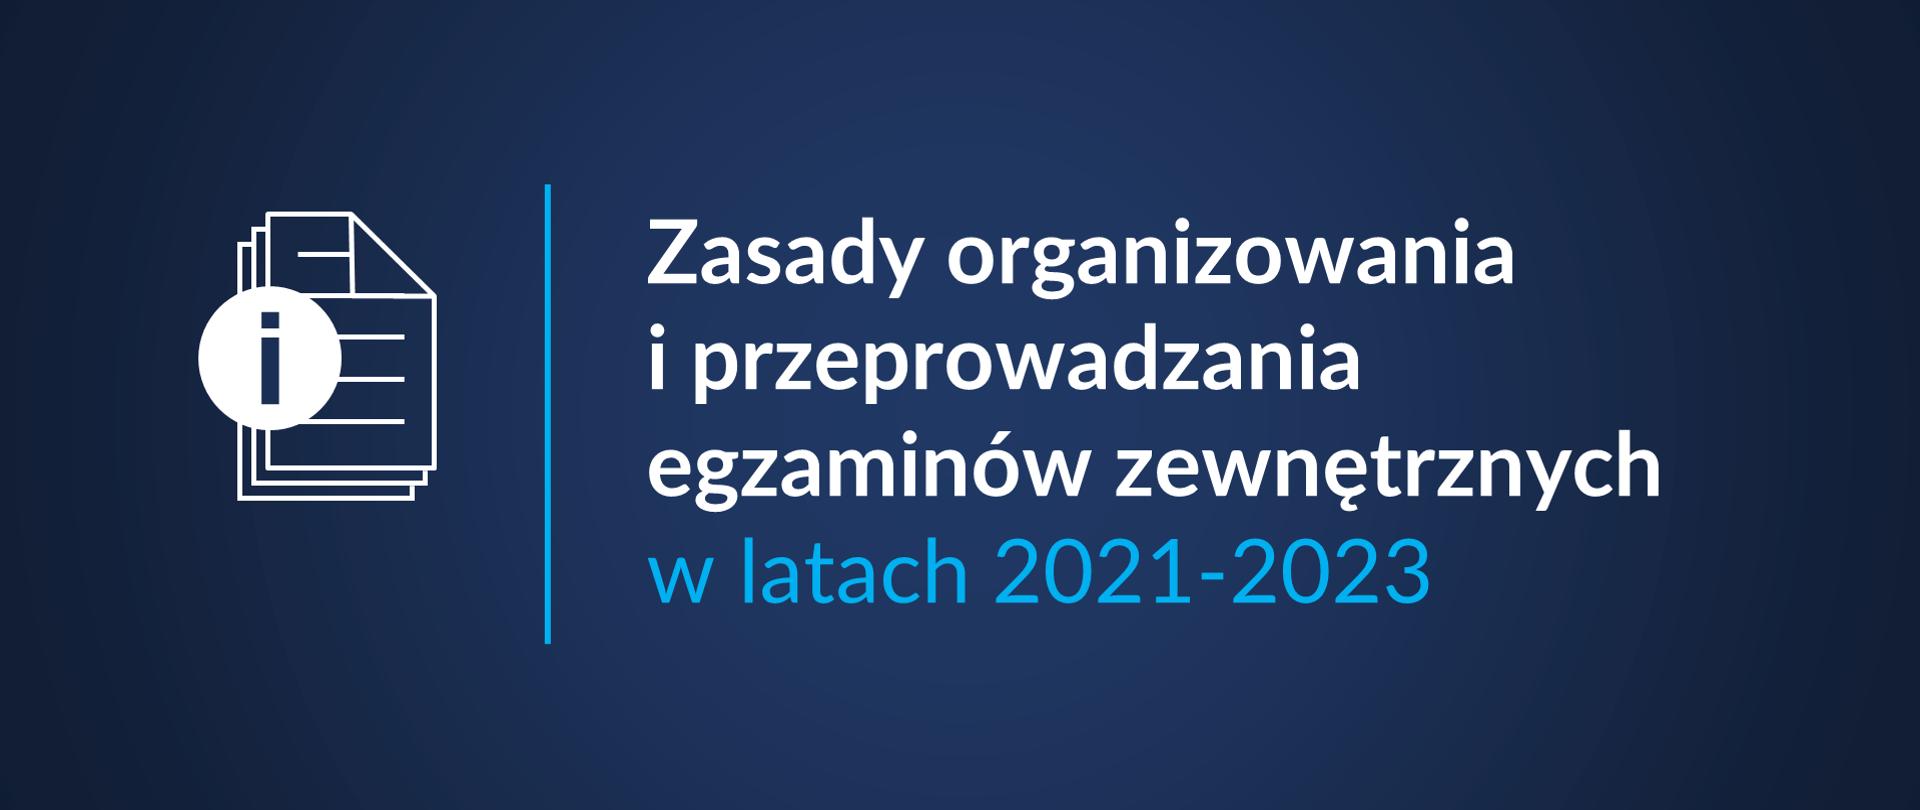 """Grafika z tekstem: """"Zasady organizowania i przeprowadzania egzaminów zewnętrznych w latach 2021-2023"""""""